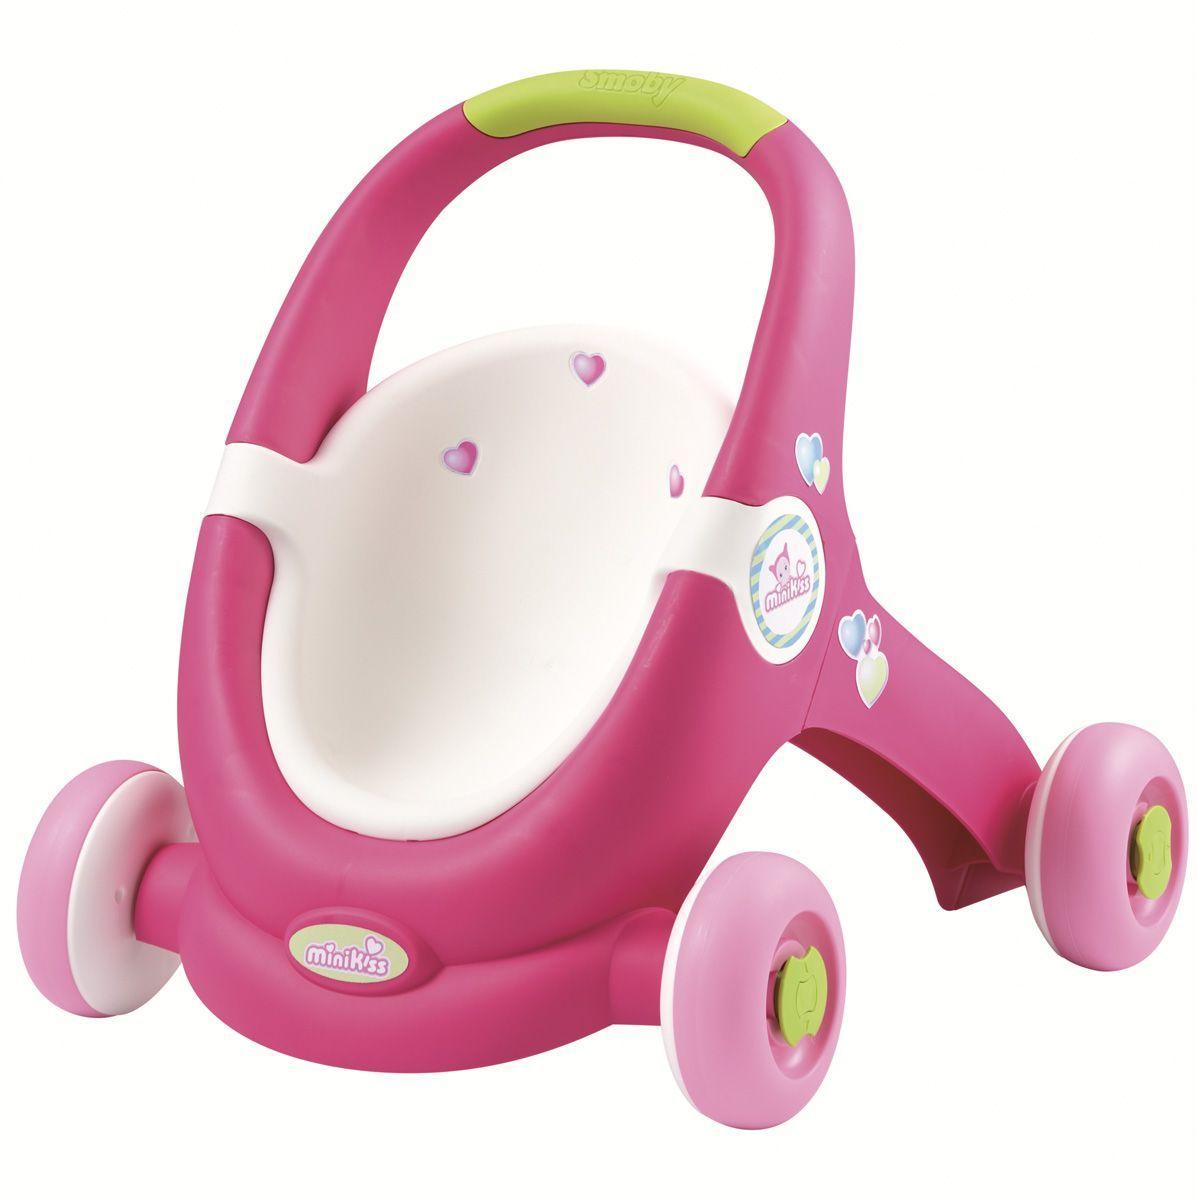 Smoby Транспорт для кукол Ходунки-коляска210201Ходунки Smoby Cotoons помогают малышам делать первые шаги безопасно. Коляска-ходунки подходит для детей в возрасте от 1 года. Используя эту коляску как ходунки, ребенок начинает увереннее ходить. Если ребенок устал ходить, то колеса можно заблокировать, чтобы каталка не укатилась. В коляске можно перевозить пупсов до 30 см.